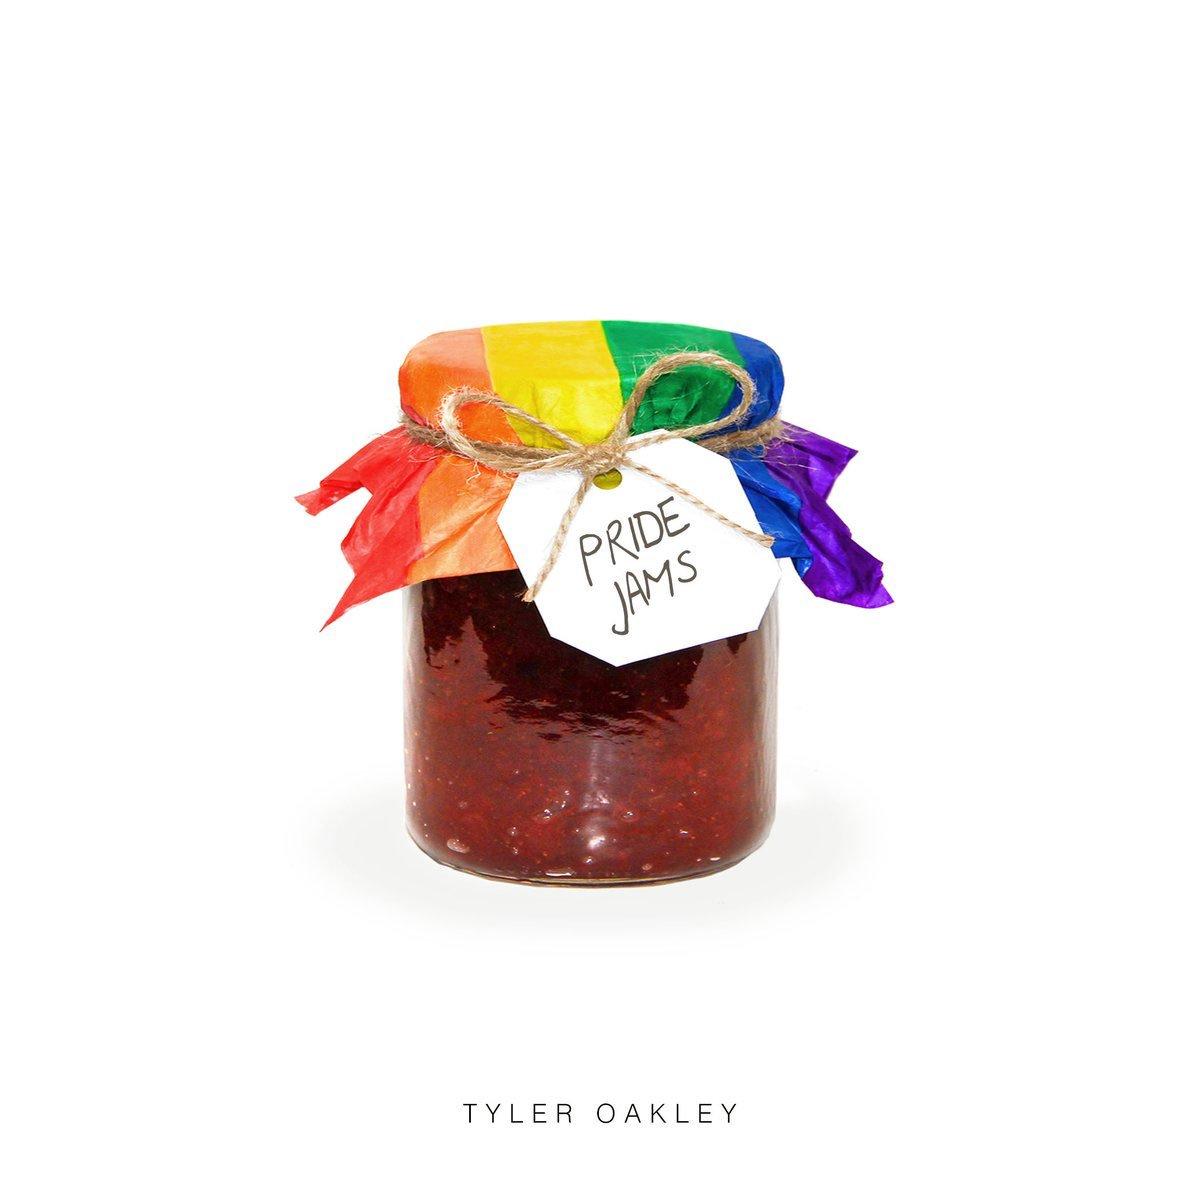 "#PROUD 2 be on @tyleroakley's #PrideJams! Somanyhotjams!Our ""Make Our Own Way"" kicks it off! https://t.co/PQT5eihHyw https://t.co/puM6UfoMOm"